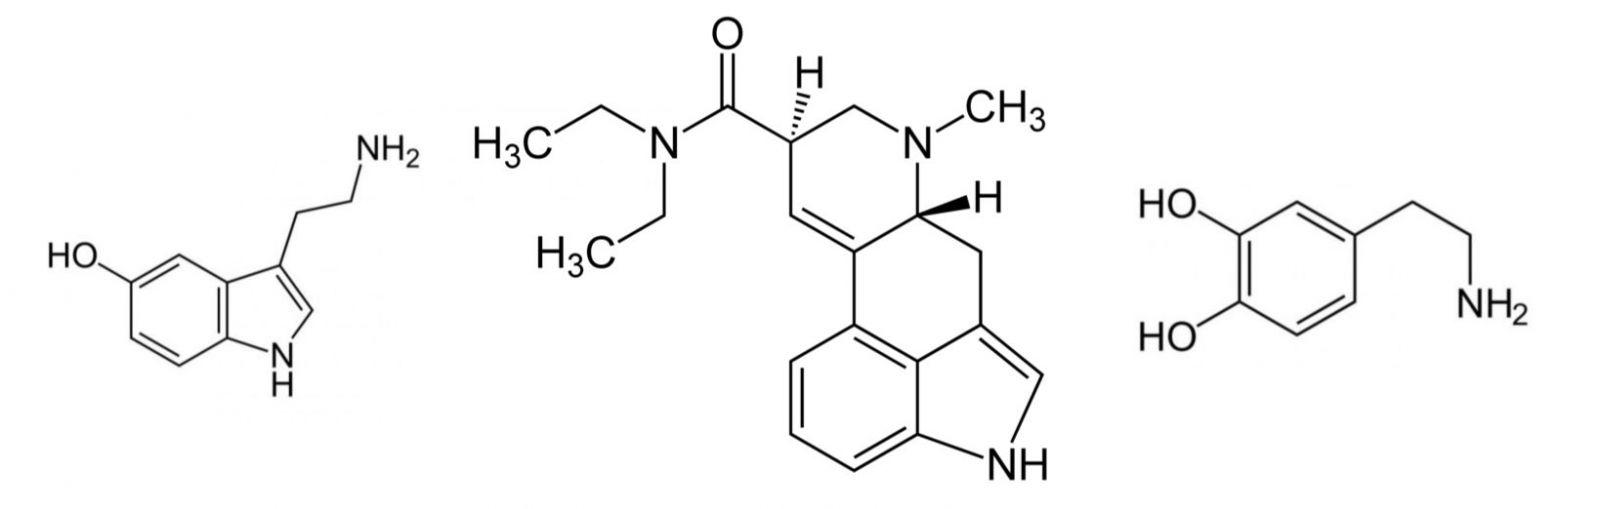 Keď si dáš LSD: Aké účinky a smrteľné riziká prináša halucinogénna droga, ktorá ťa odpáli do inej dimenzie?